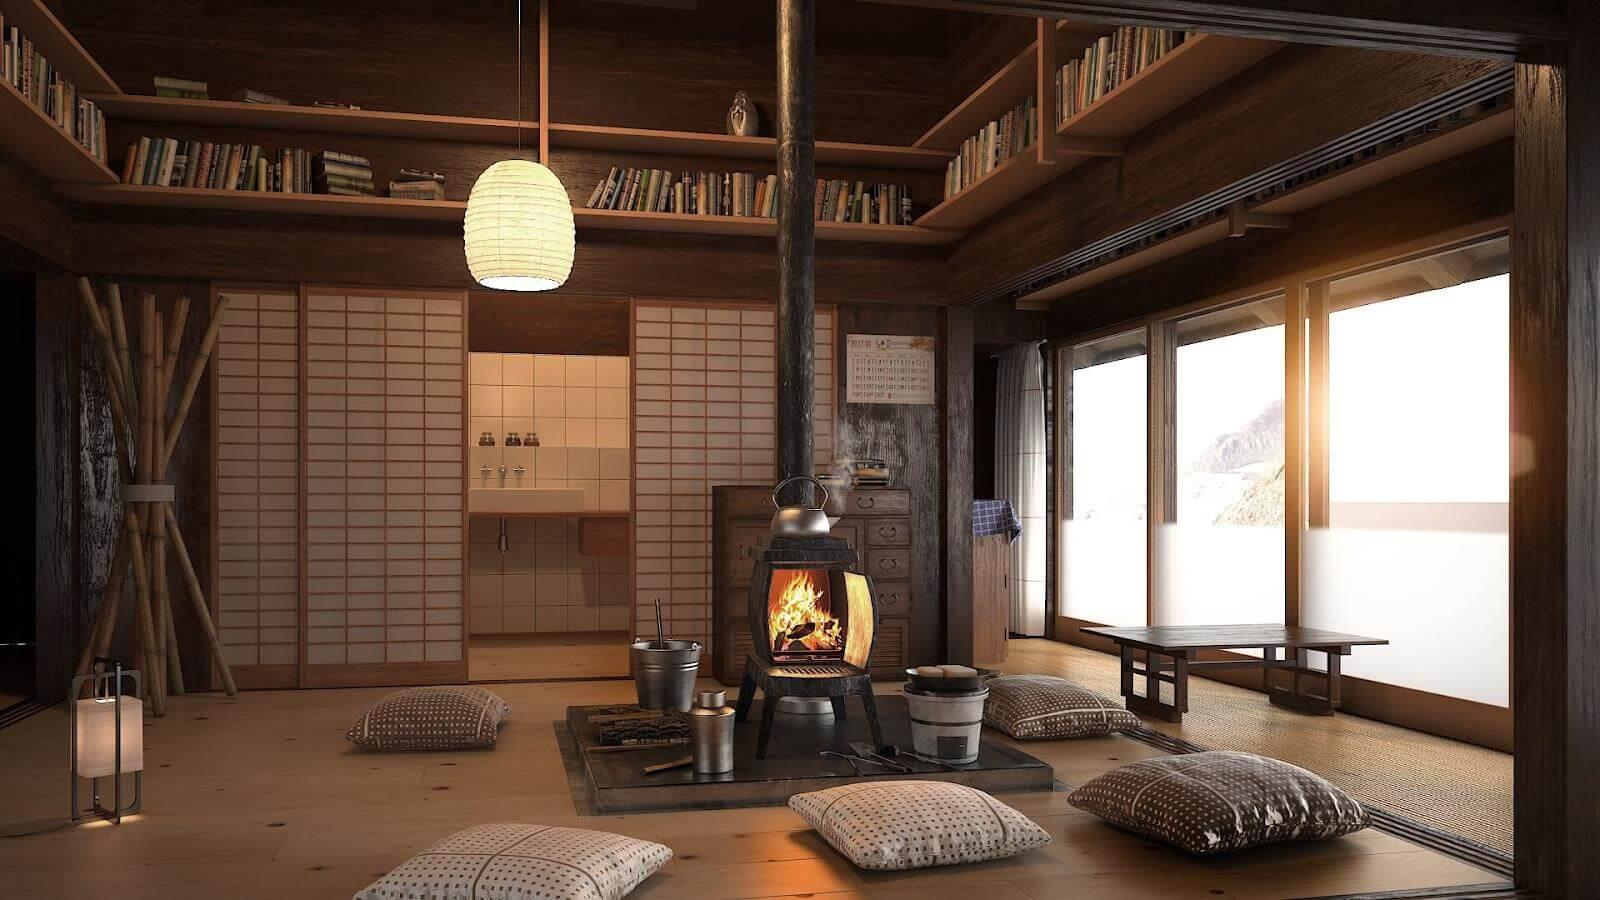 tìm hiểu nội thất phong cách Nhật Bản